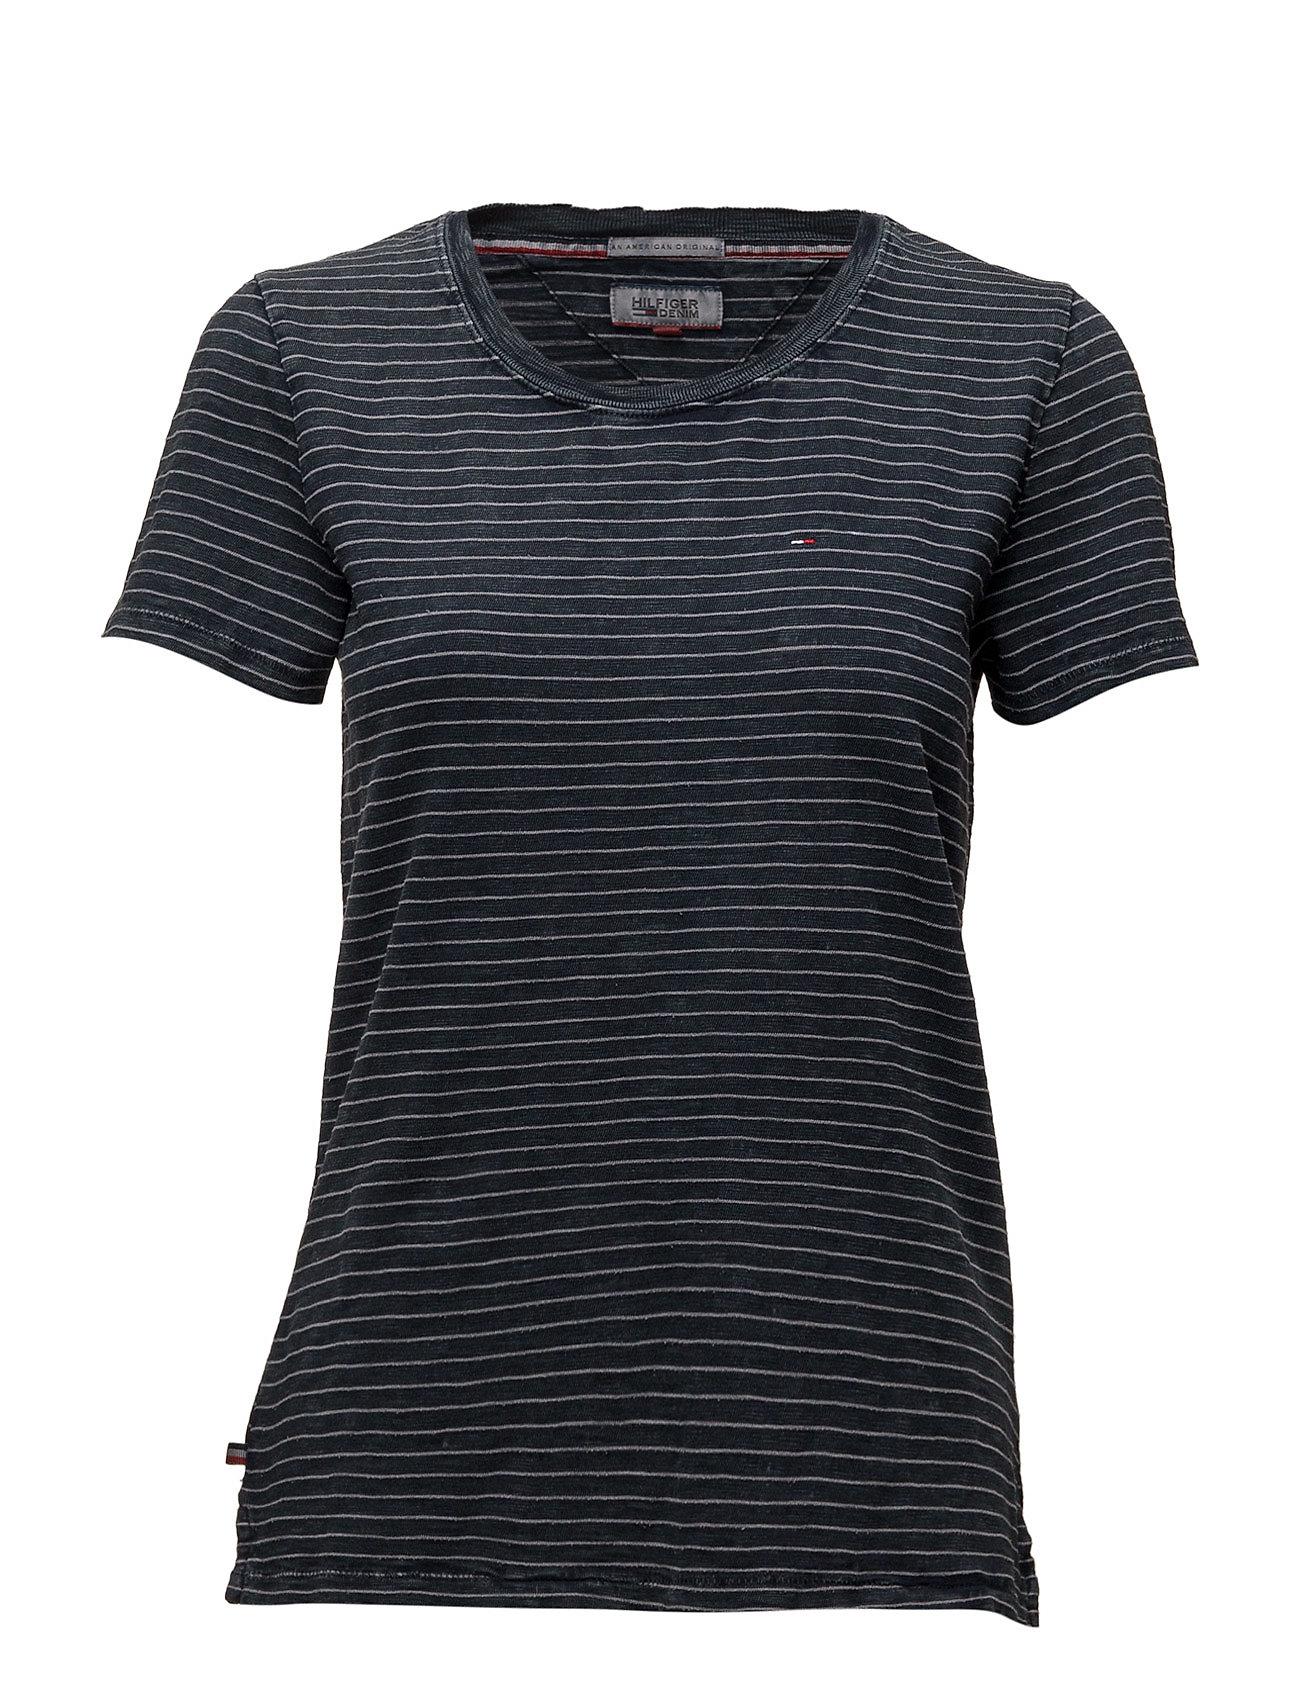 Thdw Stripe Cn Knit S/S 39 Hilfiger Denim T-shirts & toppe til Kvinder i